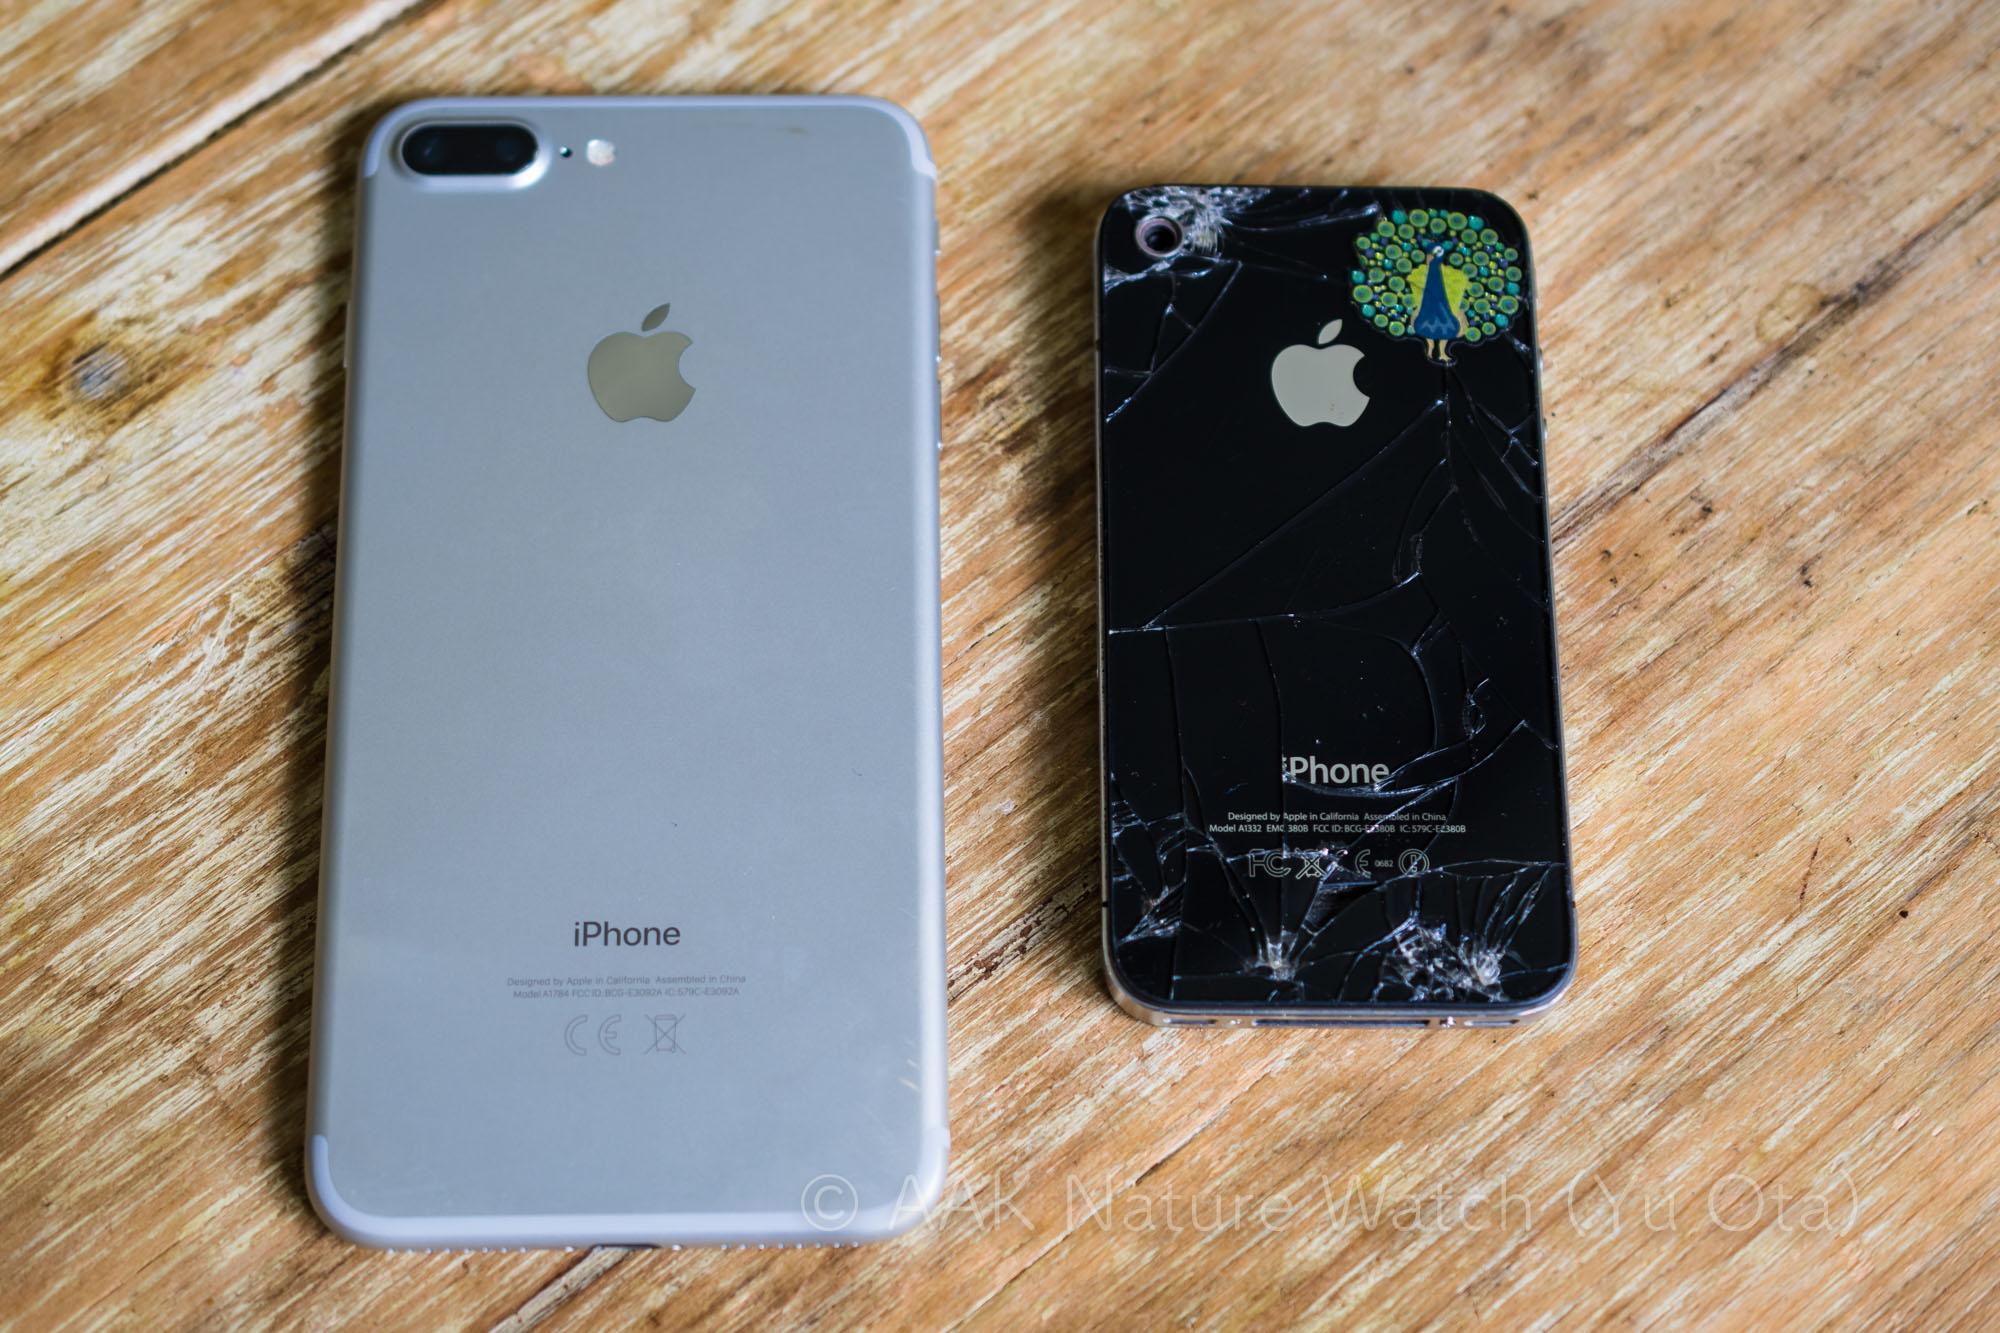 iphone7plusとiphone4